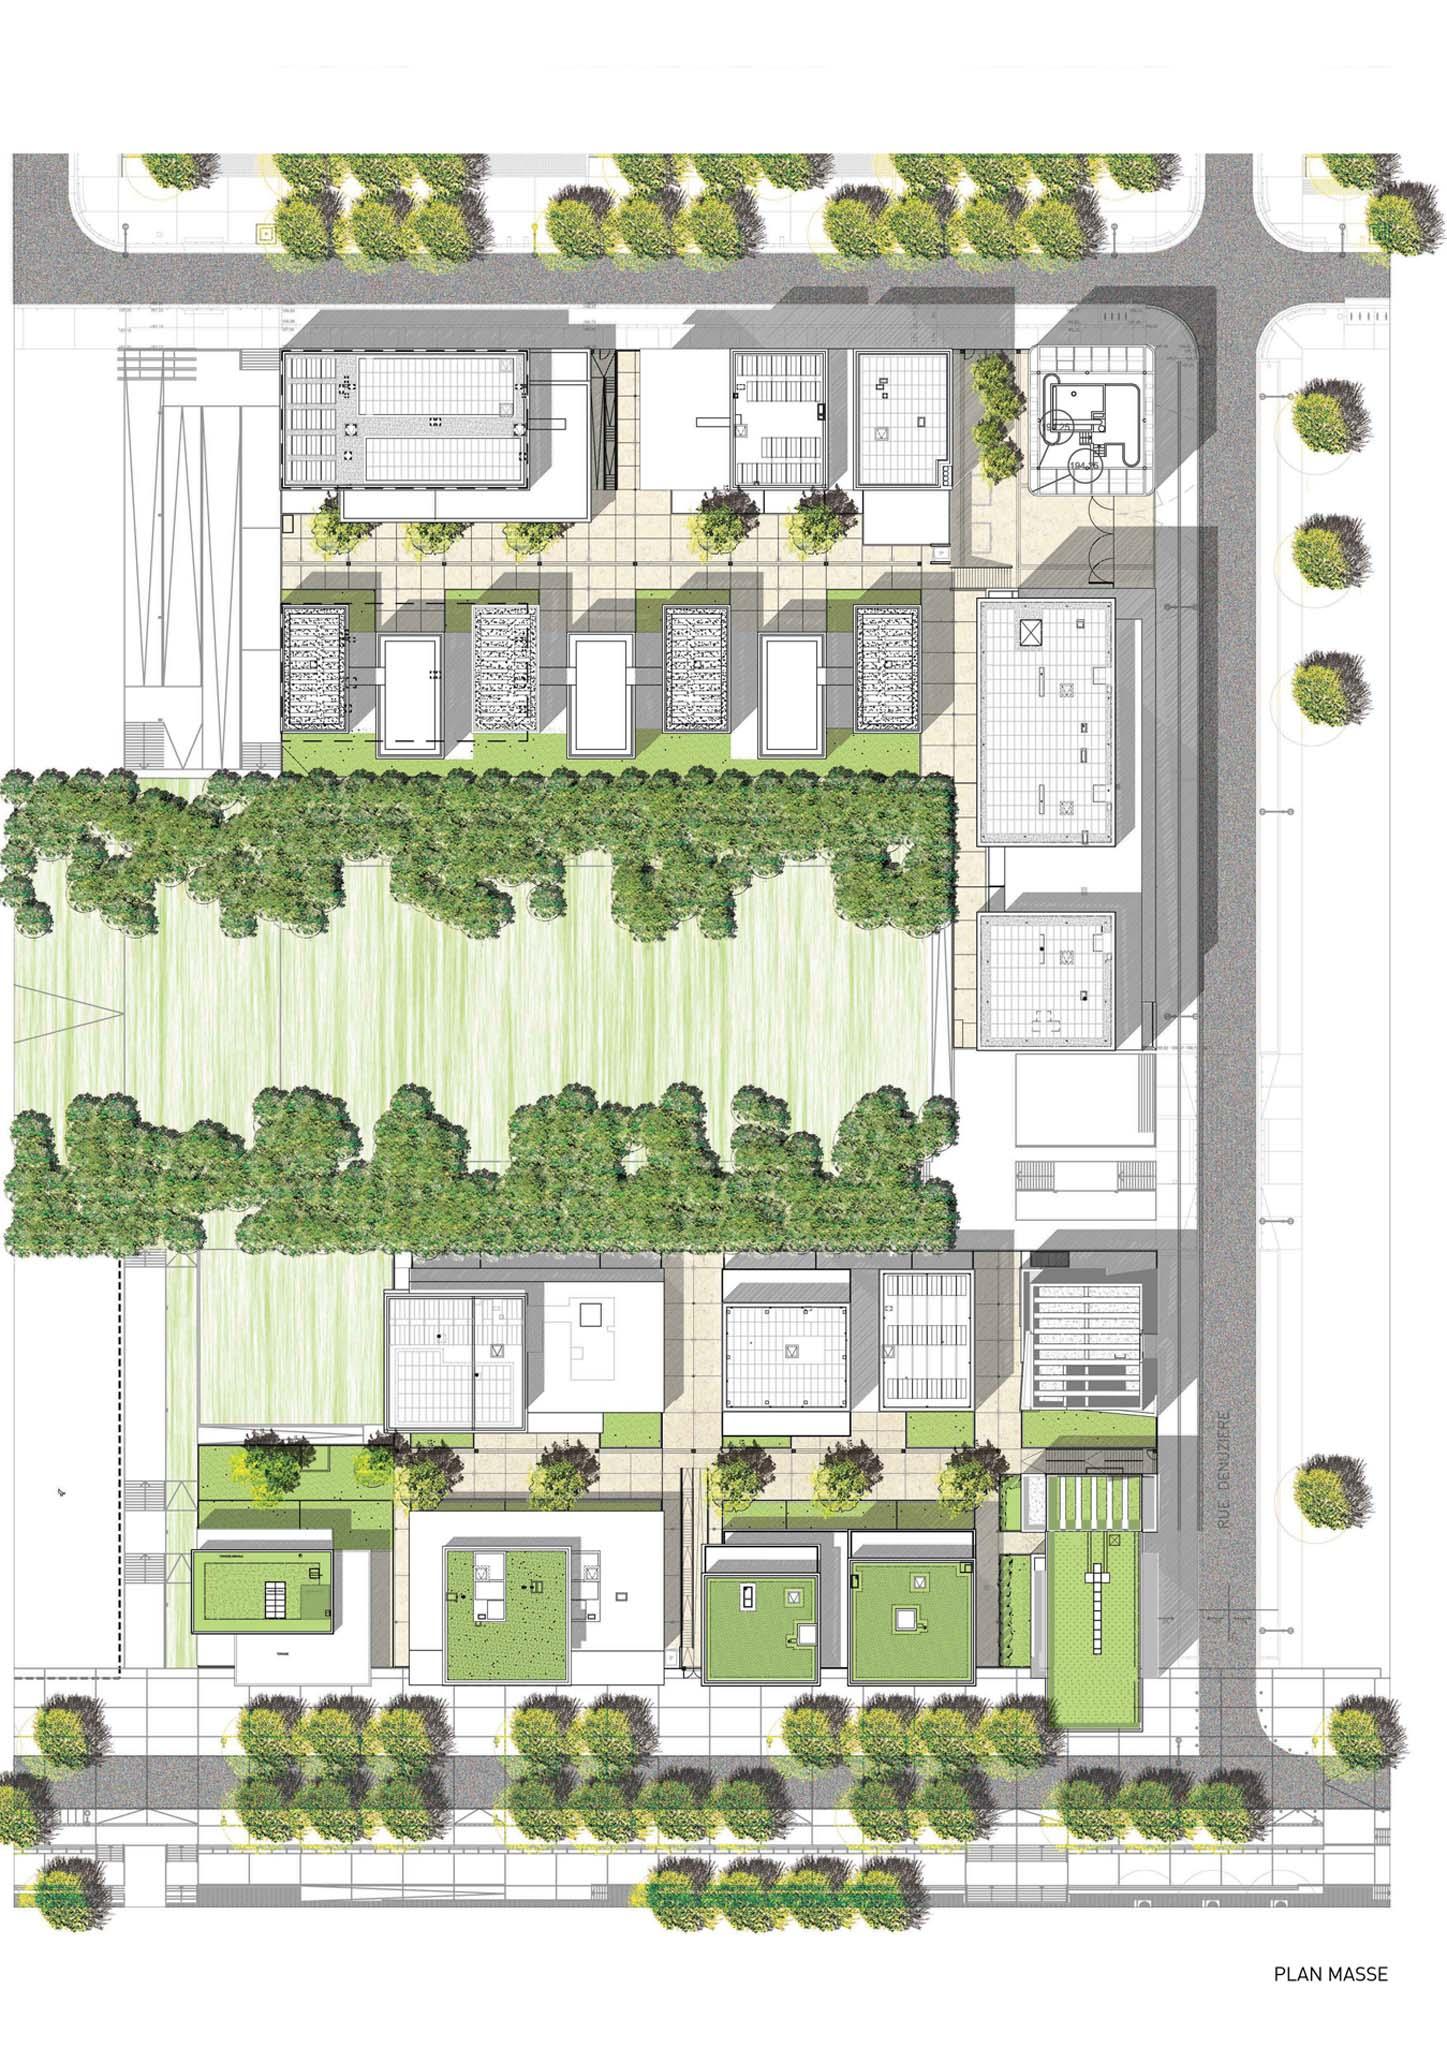 Plan masse 39 logements cl ment verg ly lyon for Plan masse architecture